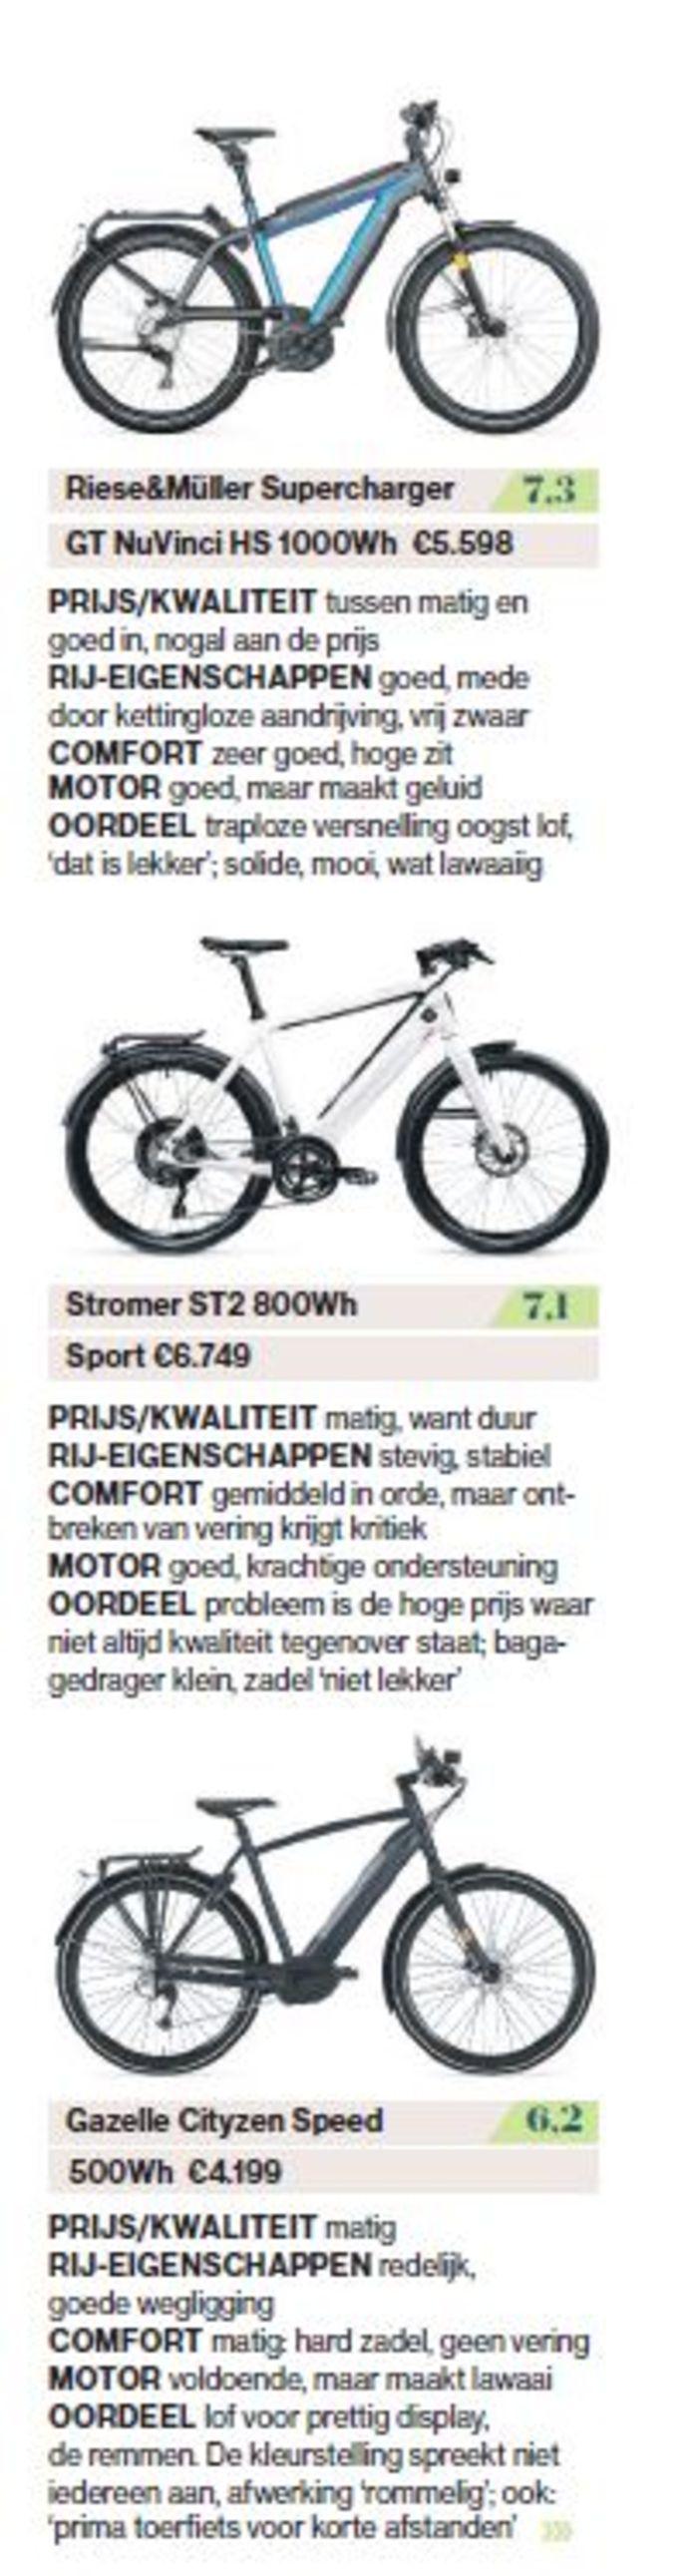 Meer geteste fietsen in deze categorie vind je hier. Klik op de foto om deze te vergroten.